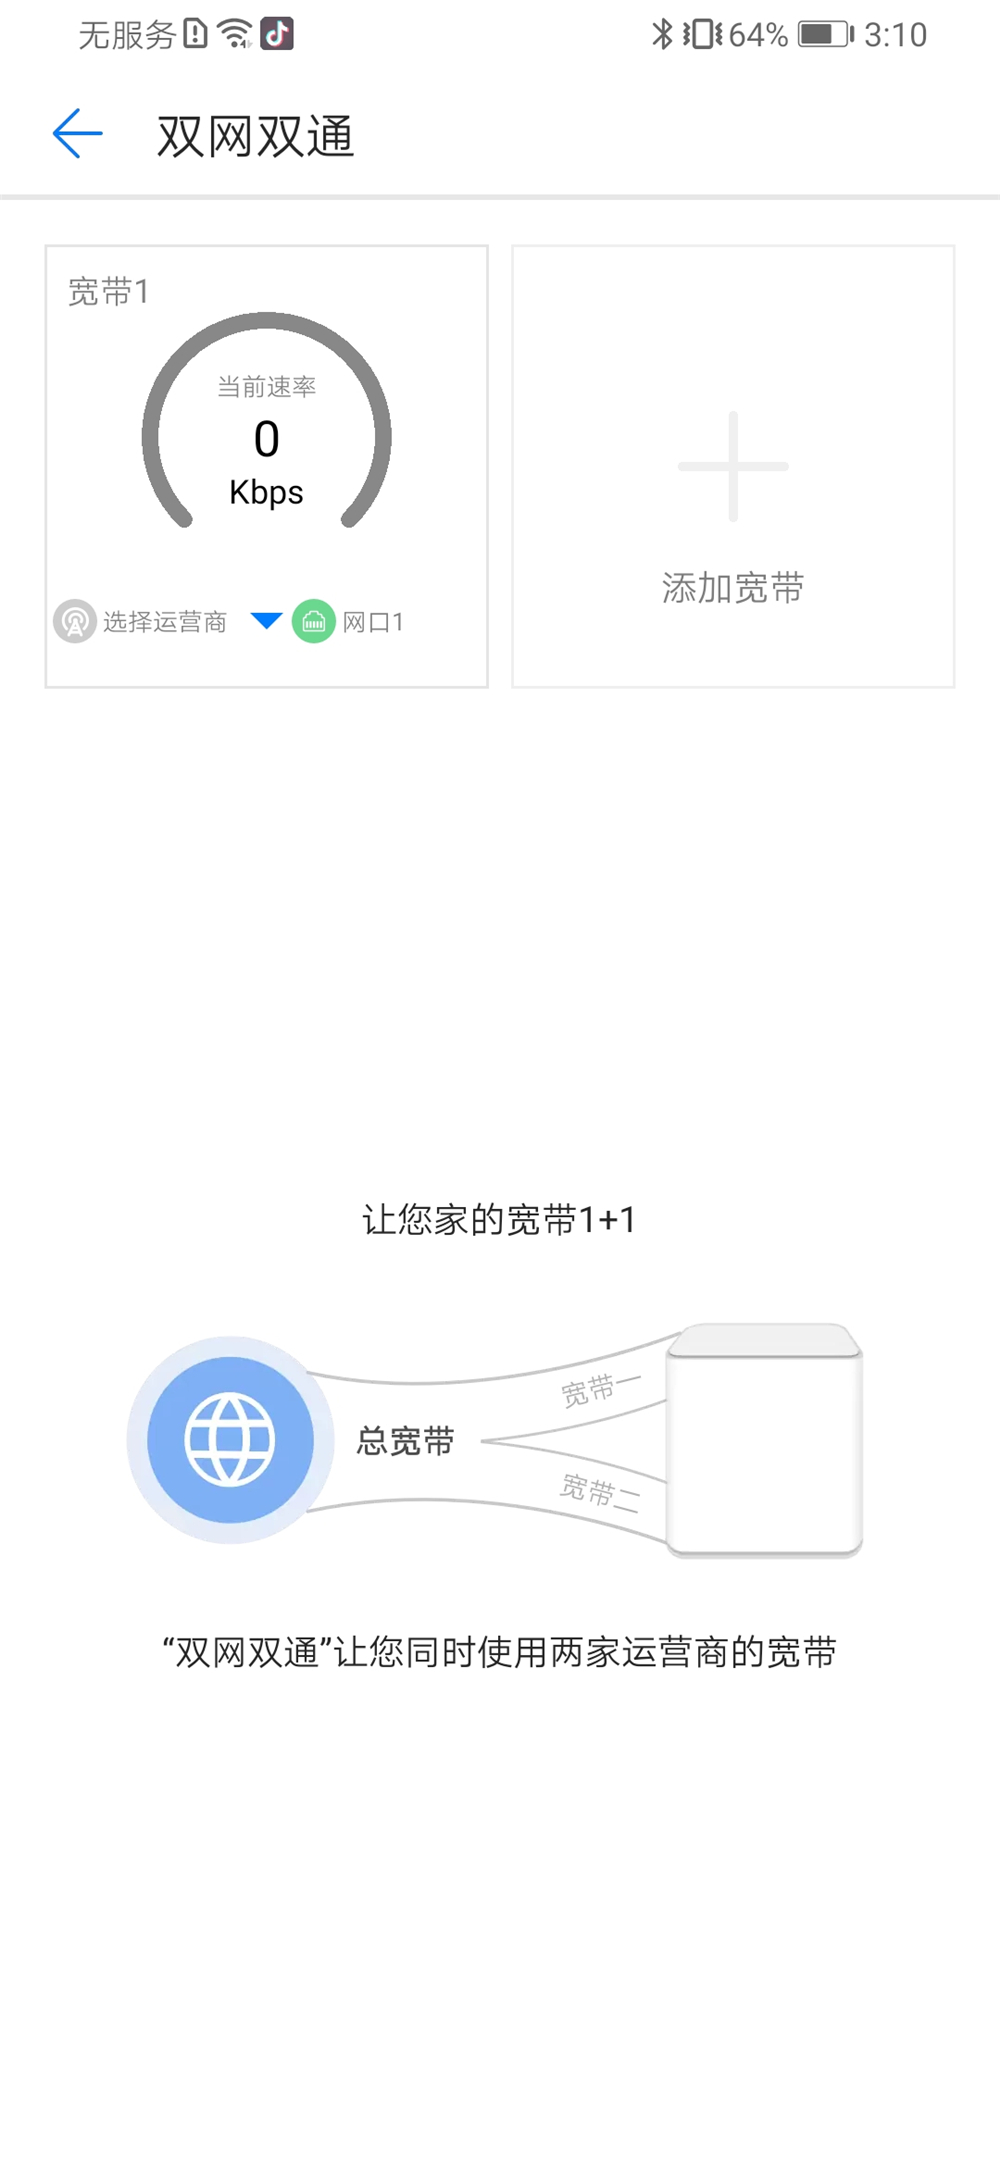 微信图片_20181225181920.jpg